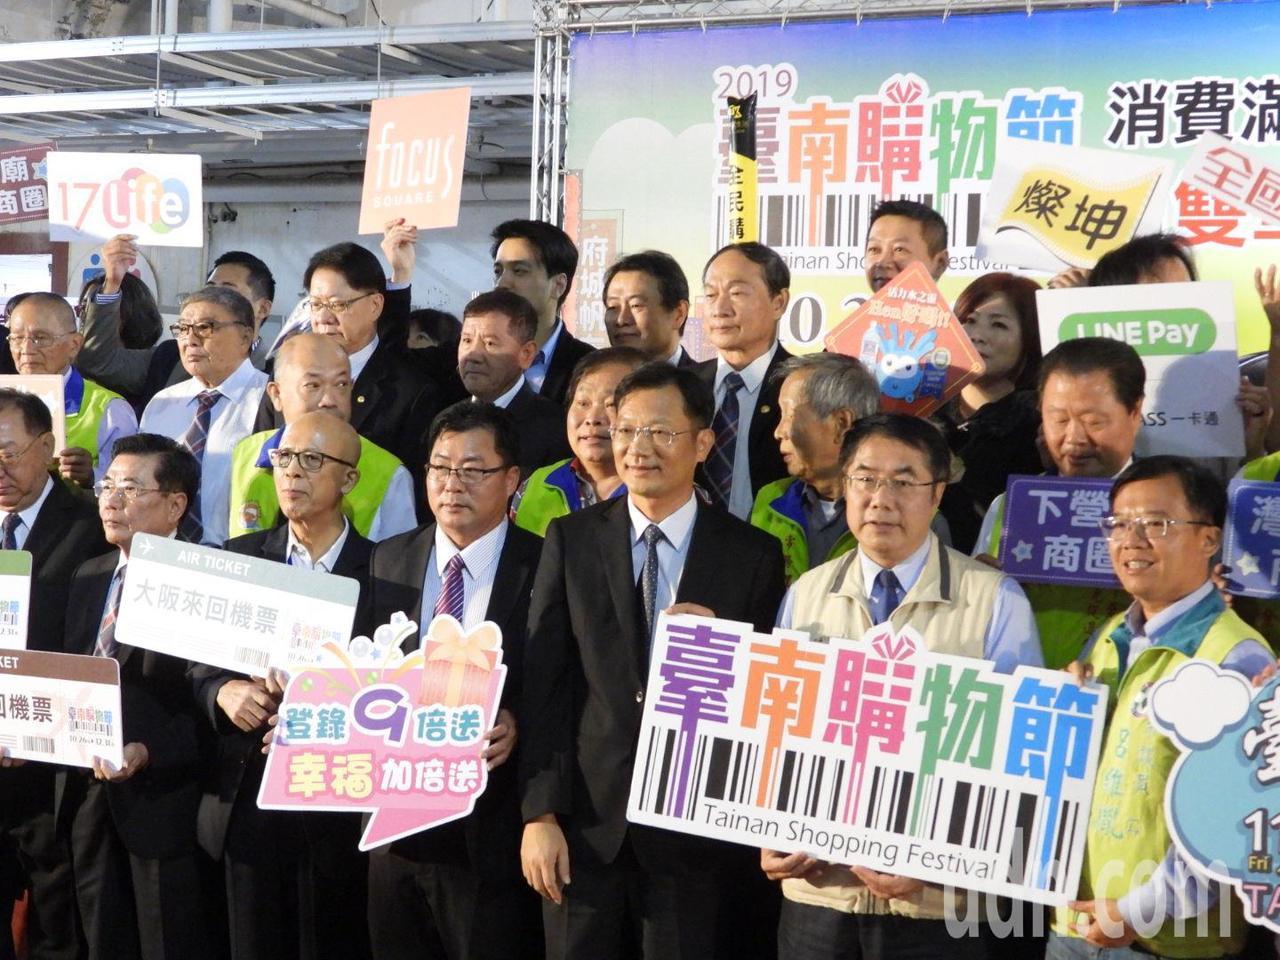 台南購物節登場,預期營業額目標首次突破20億。記者周宗禎/攝影